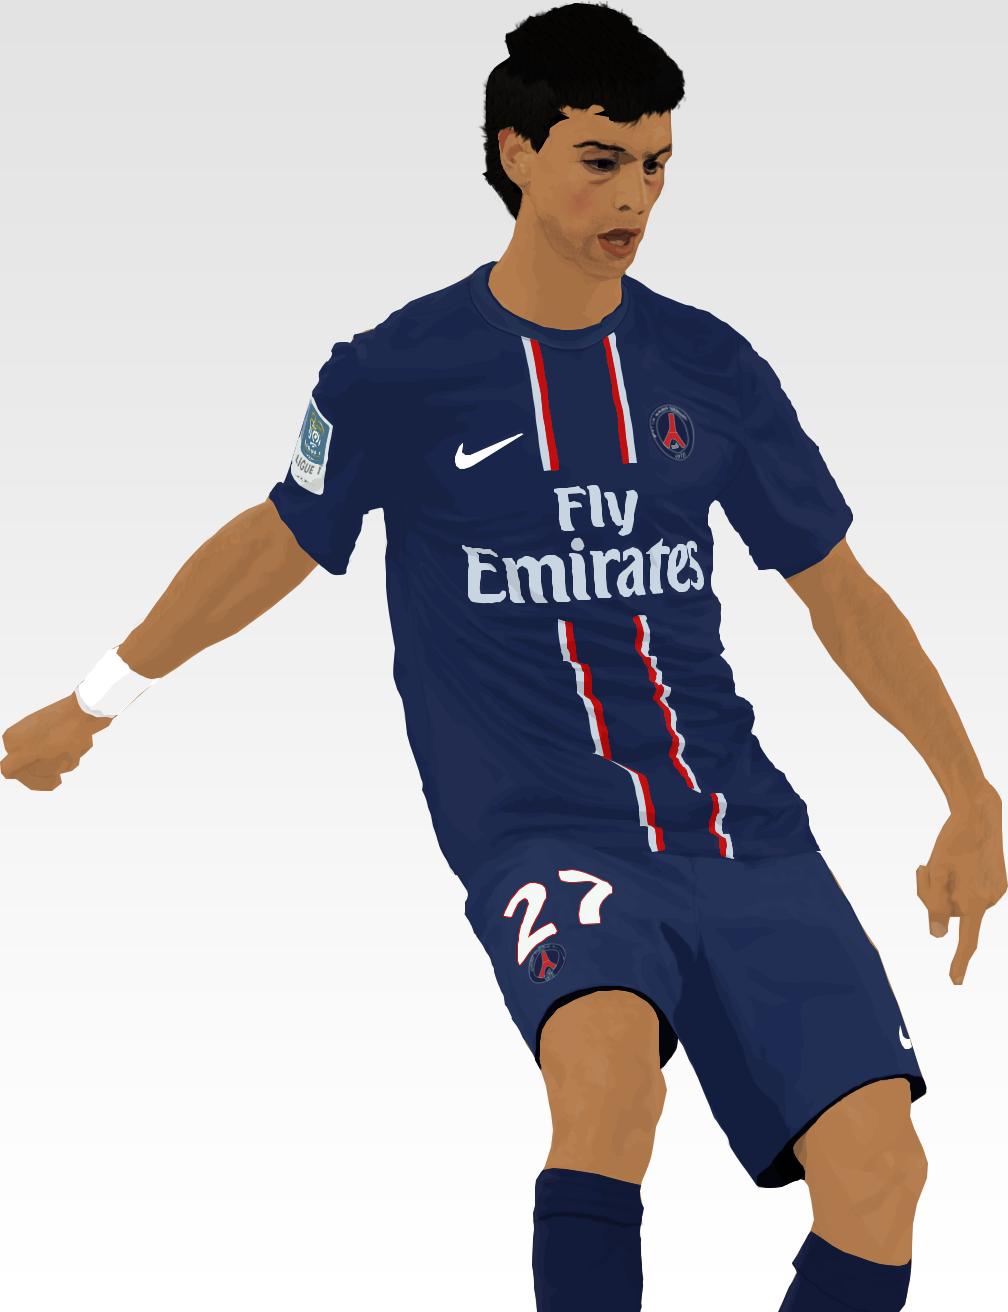 Javier Pastore PSG 2013 by evert0z on DeviantArt